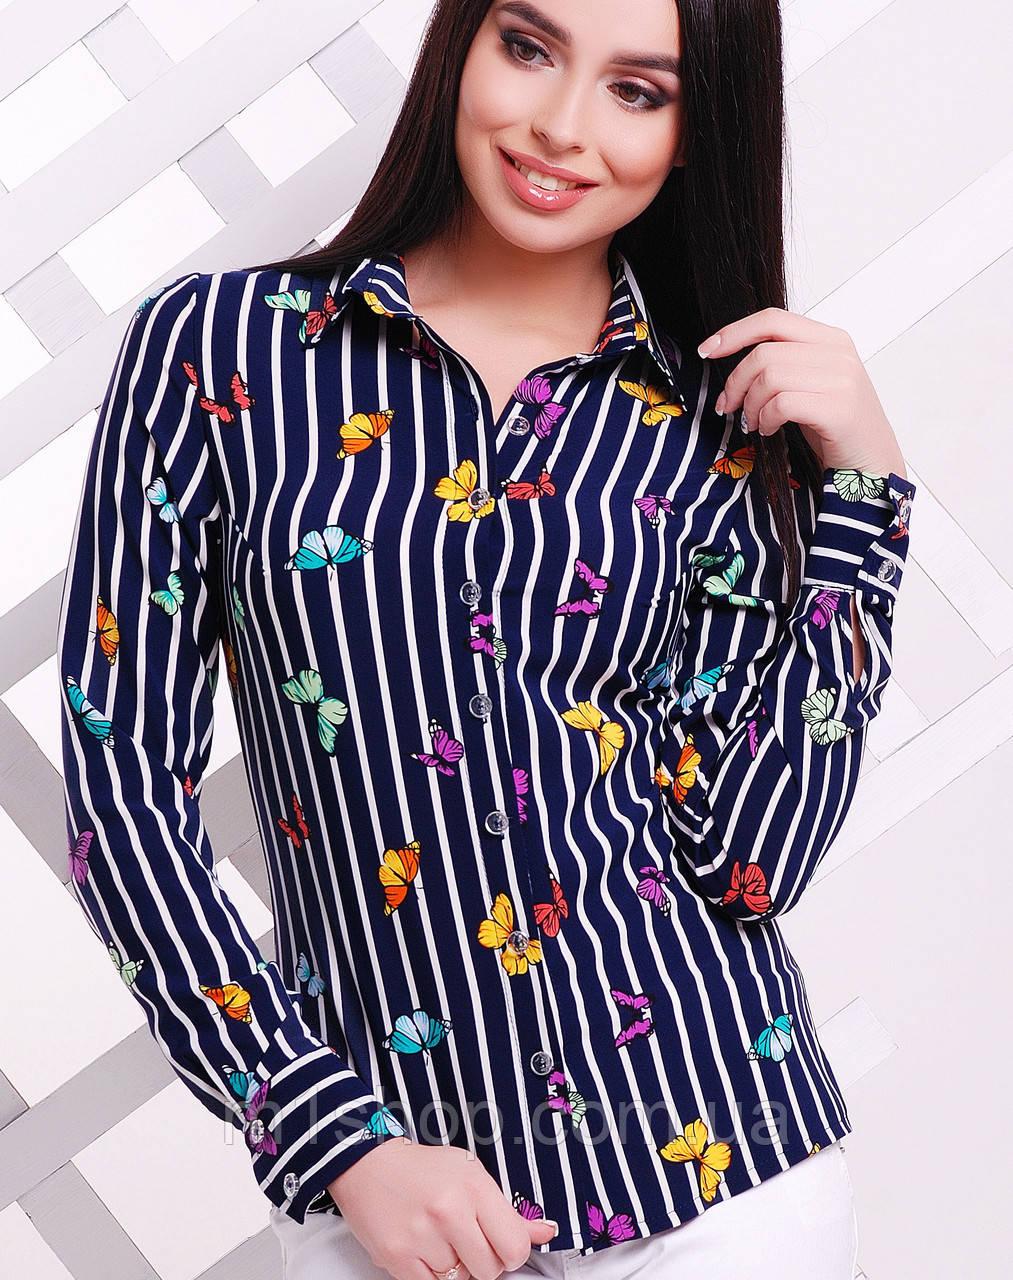 Женская блузка в полоску (1724  mrs)